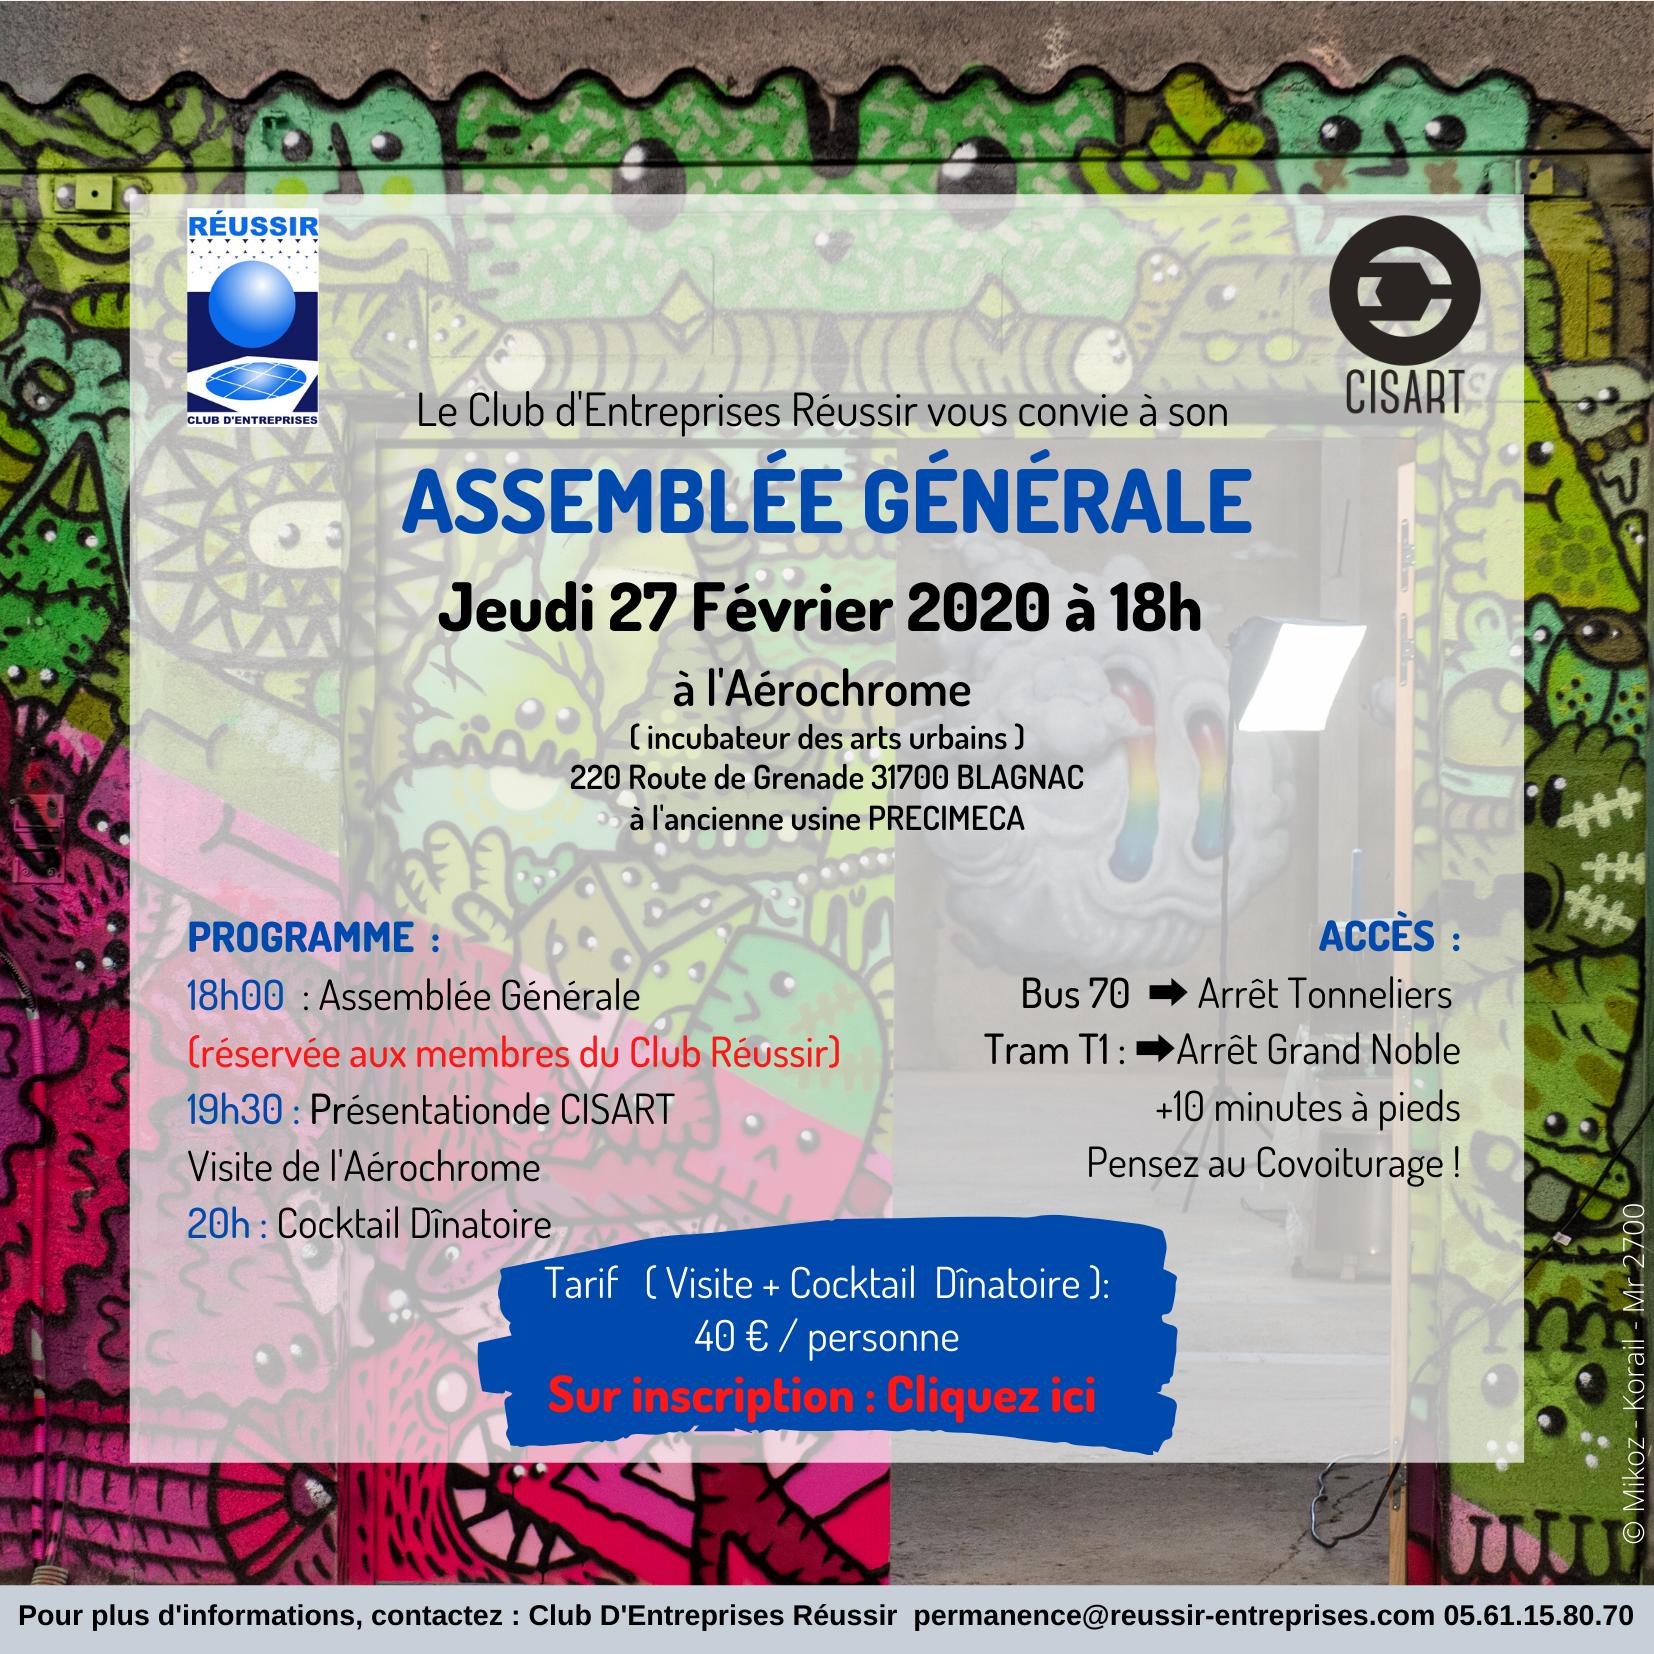 Assemblée Générale – Jeudi 27 Février 2020